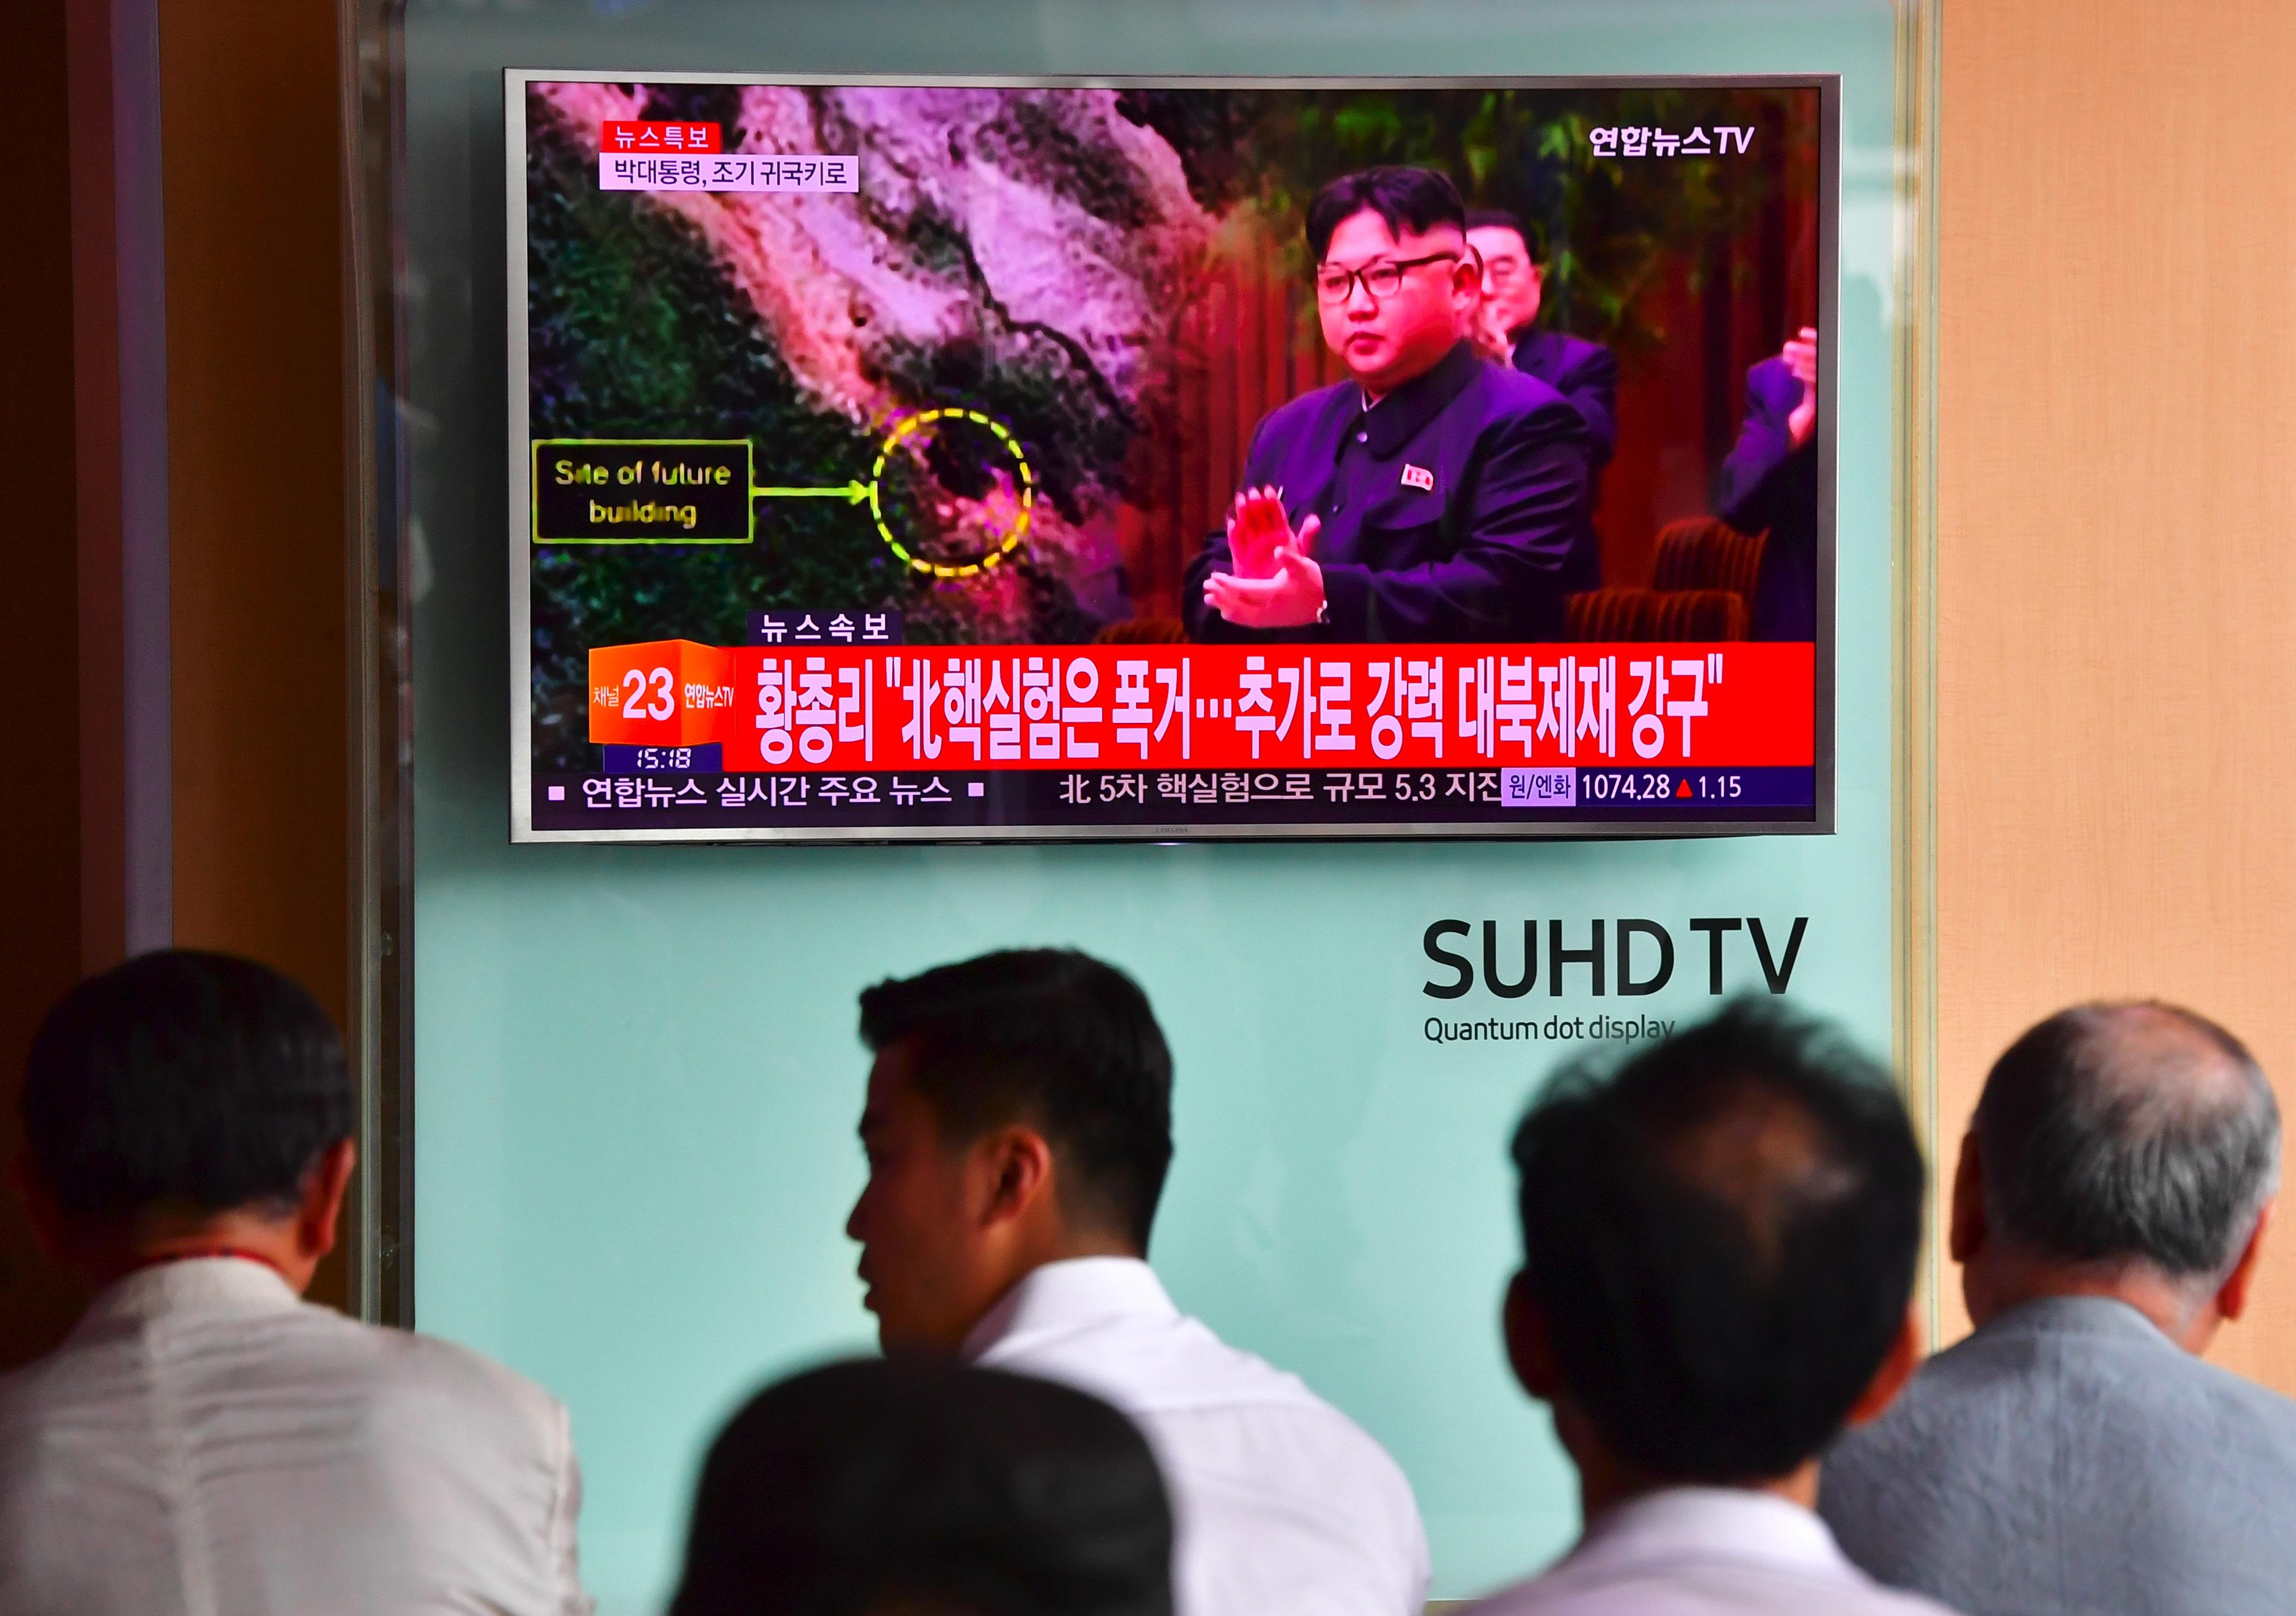 Test nucleare nordcoreano: la tv di Seoul diffonde la notizia, i sismologi studiano gli effetti dell esplosione